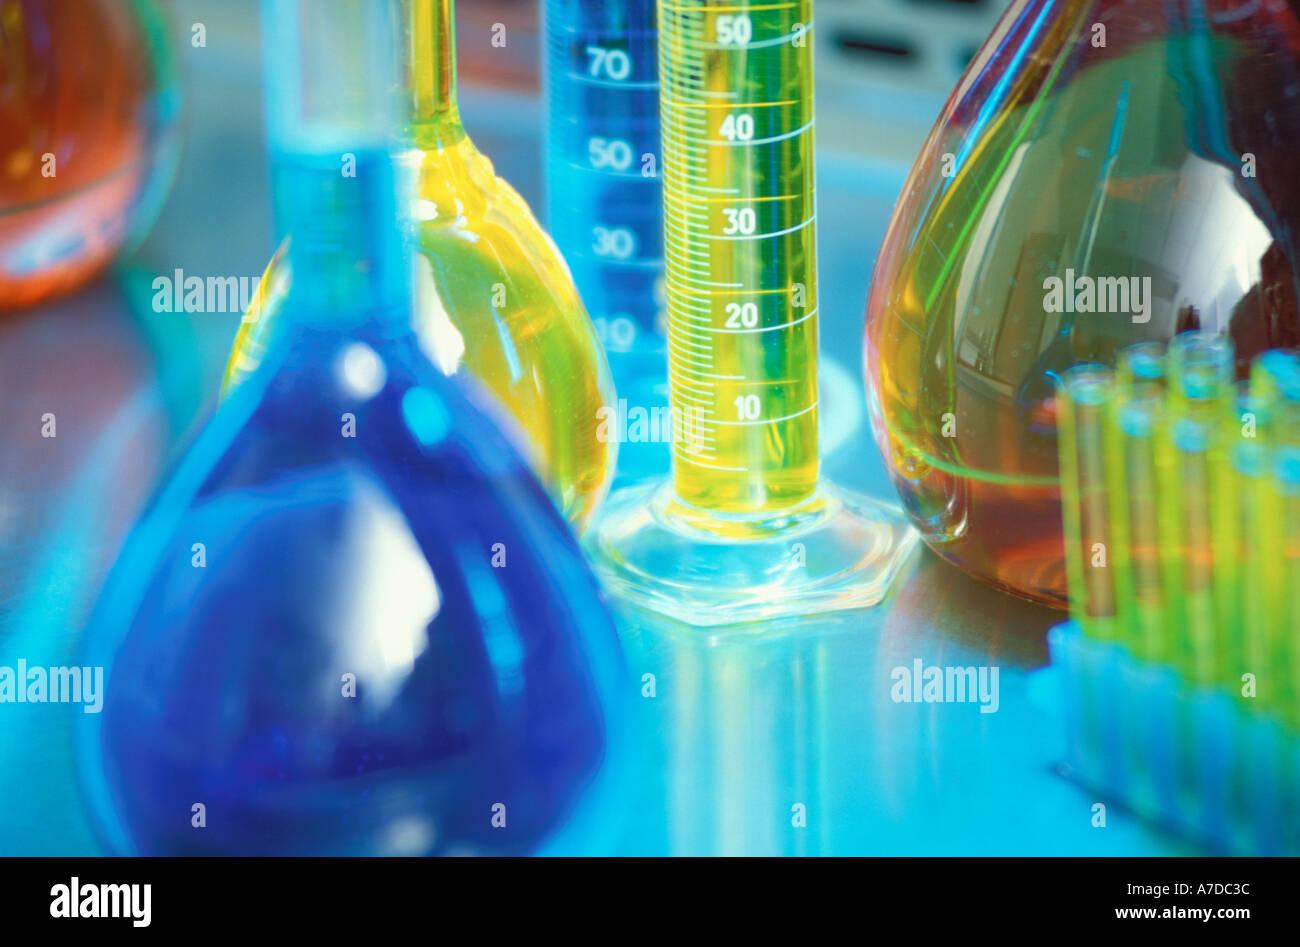 Matraces de laboratorio tubos y cilindros graduados Imagen De Stock